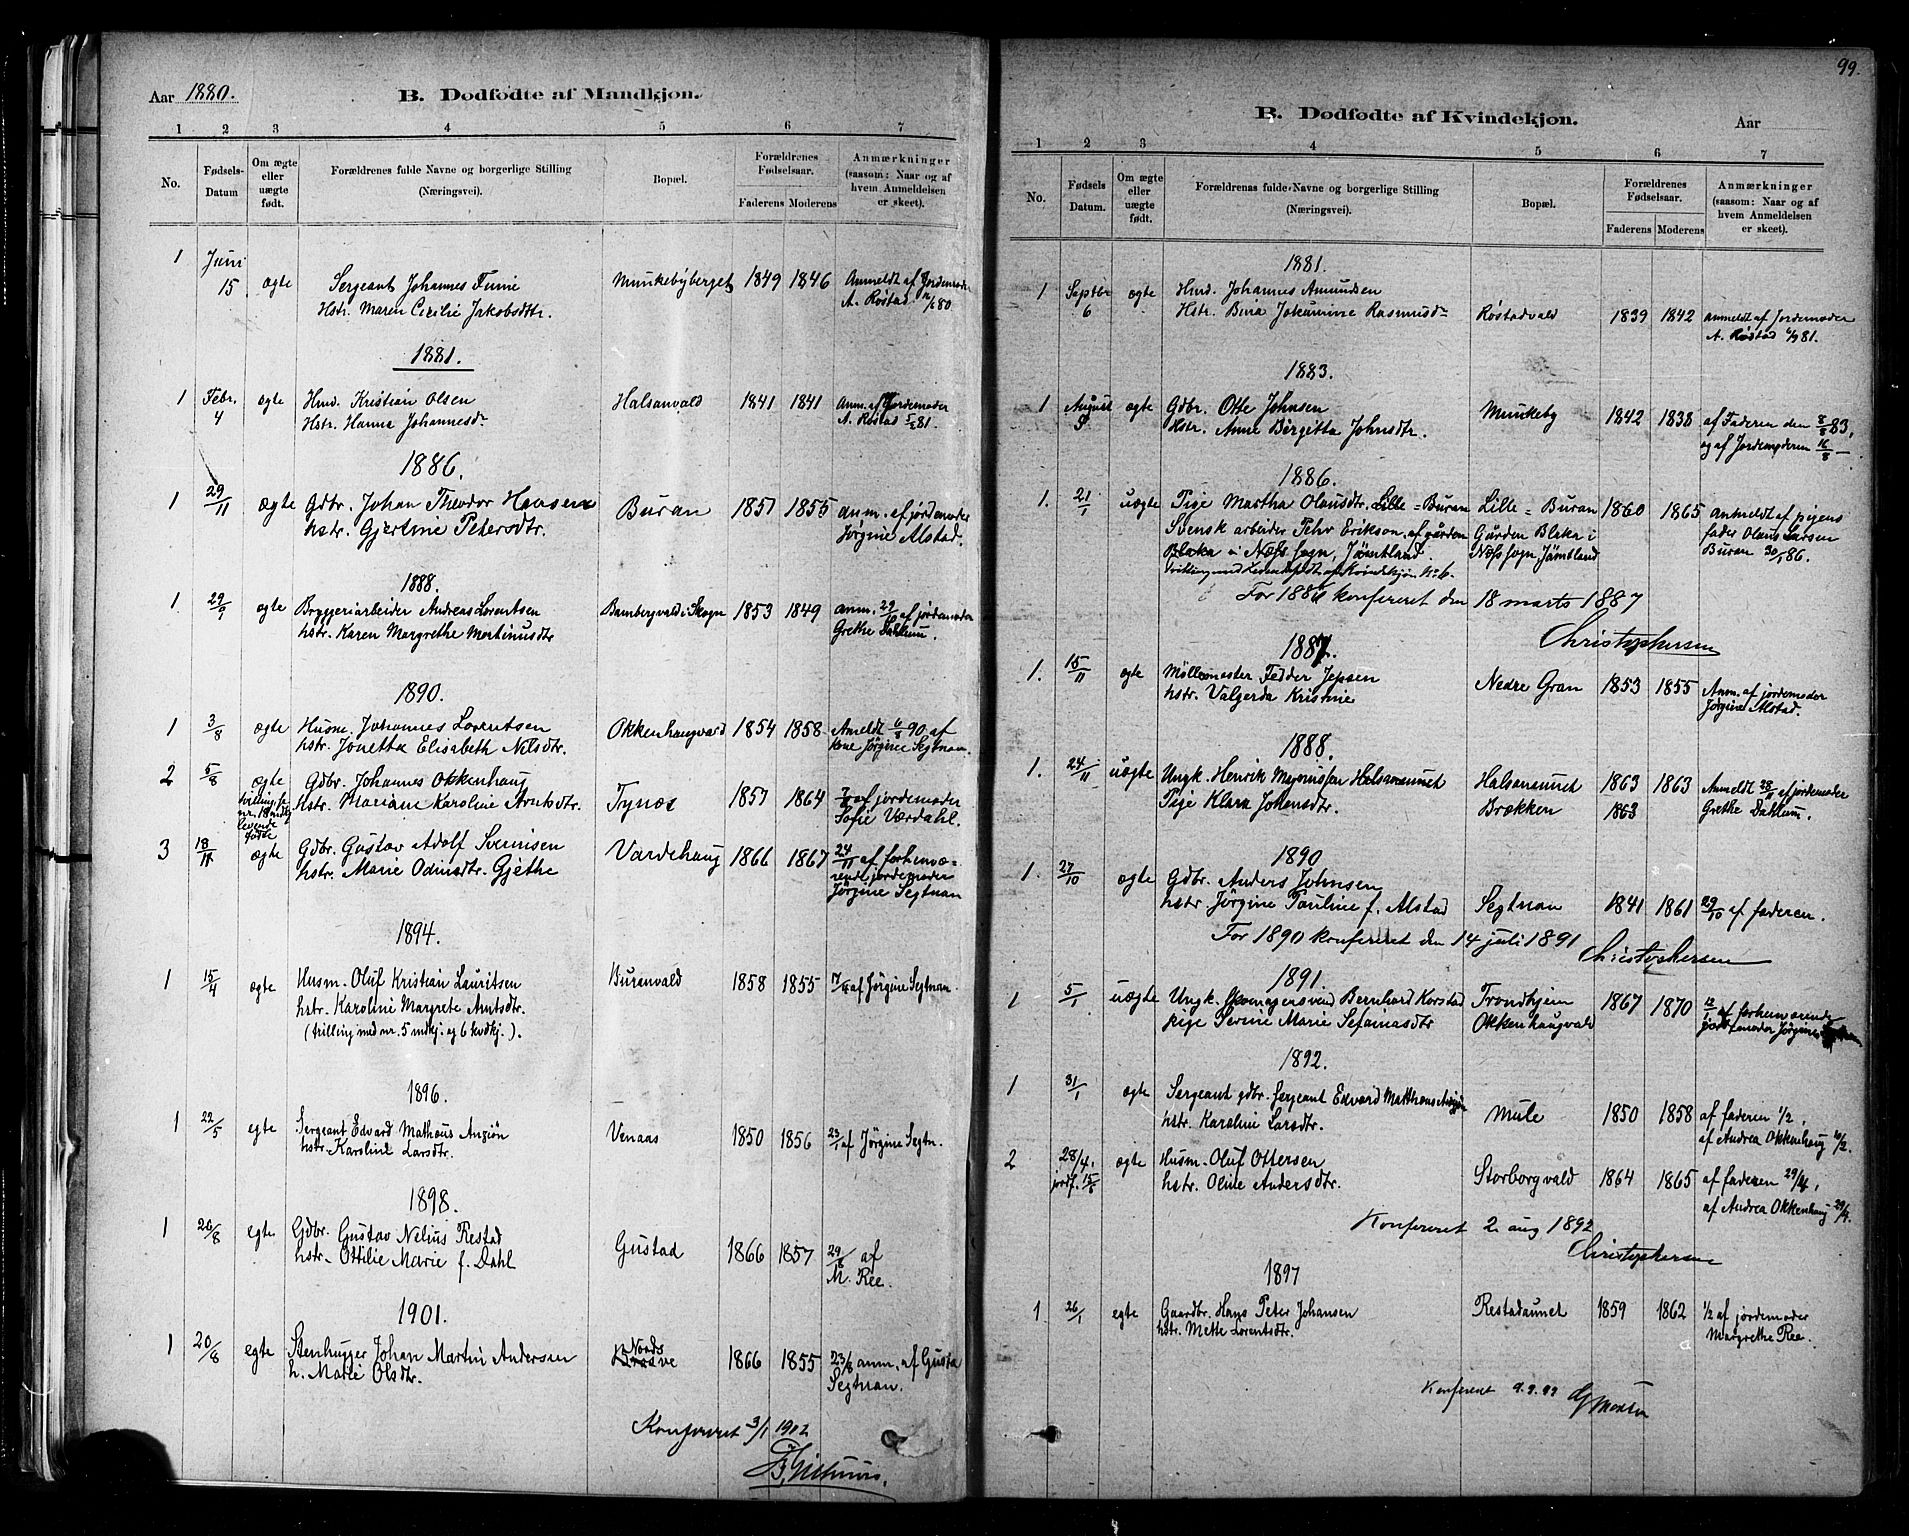 SAT, Ministerialprotokoller, klokkerbøker og fødselsregistre - Nord-Trøndelag, 721/L0208: Klokkerbok nr. 721C01, 1880-1917, s. 99